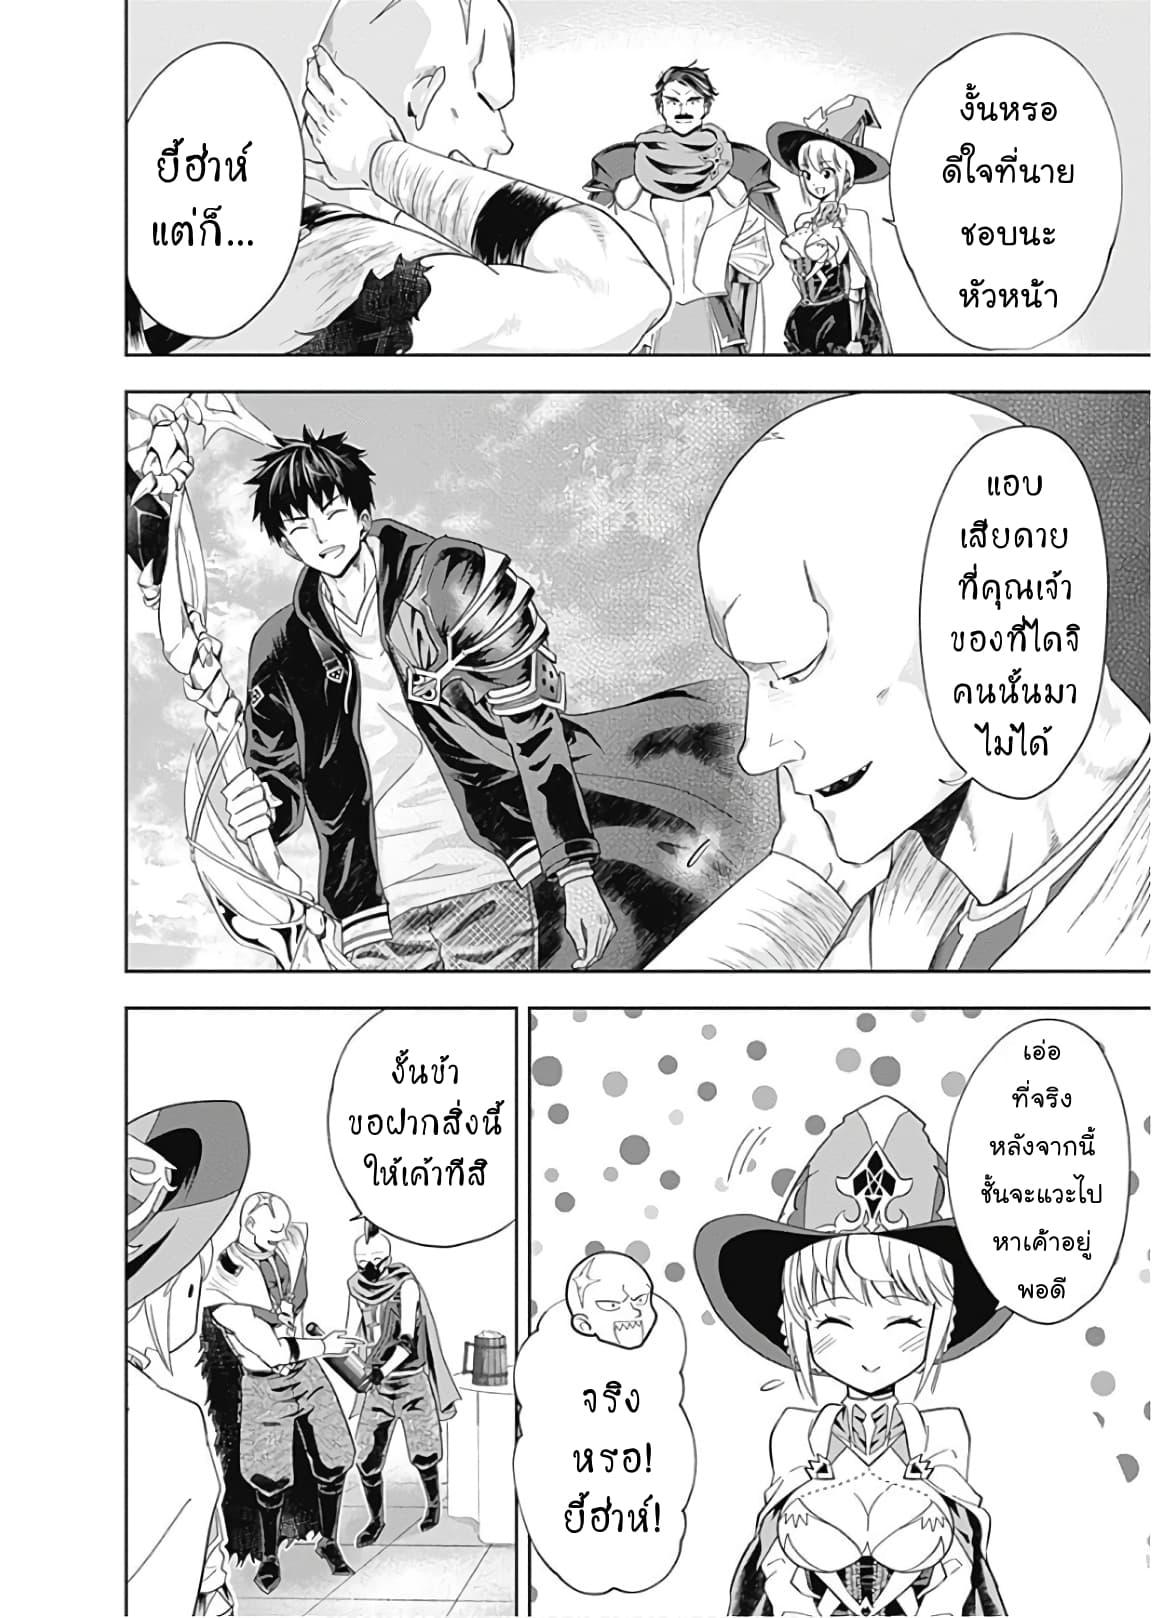 Ore no Ie ga Maryoku Spot datta Ken - Sundeiru dake de Sekai Saikyou ตอนที่ 59 TH แปลไทย